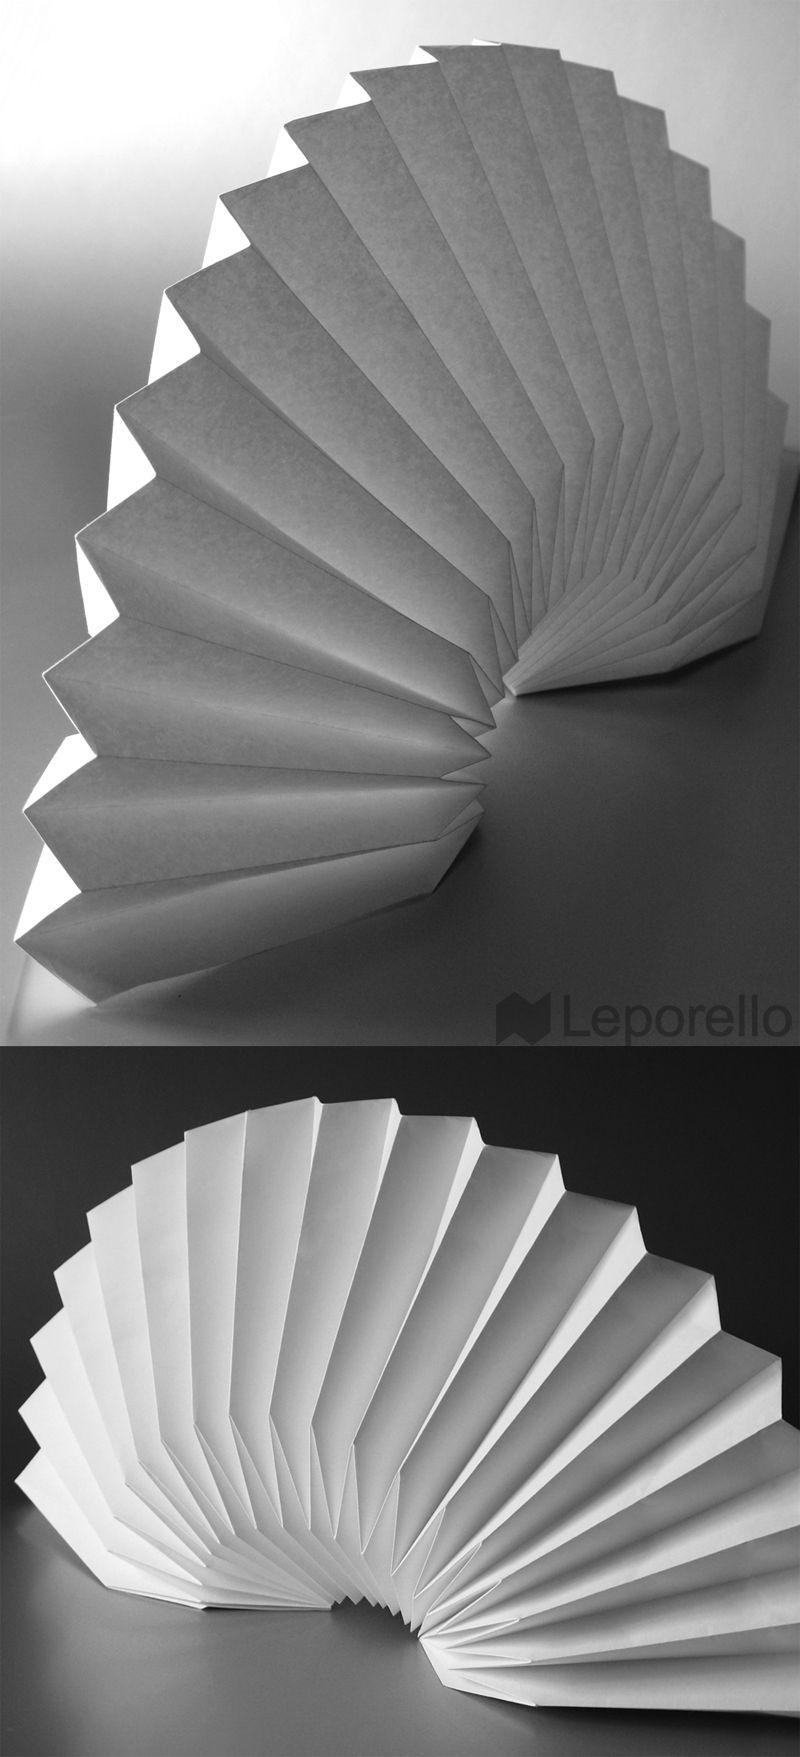 Origami fan origami origami papier e origami papier for Imitazioni lampade design